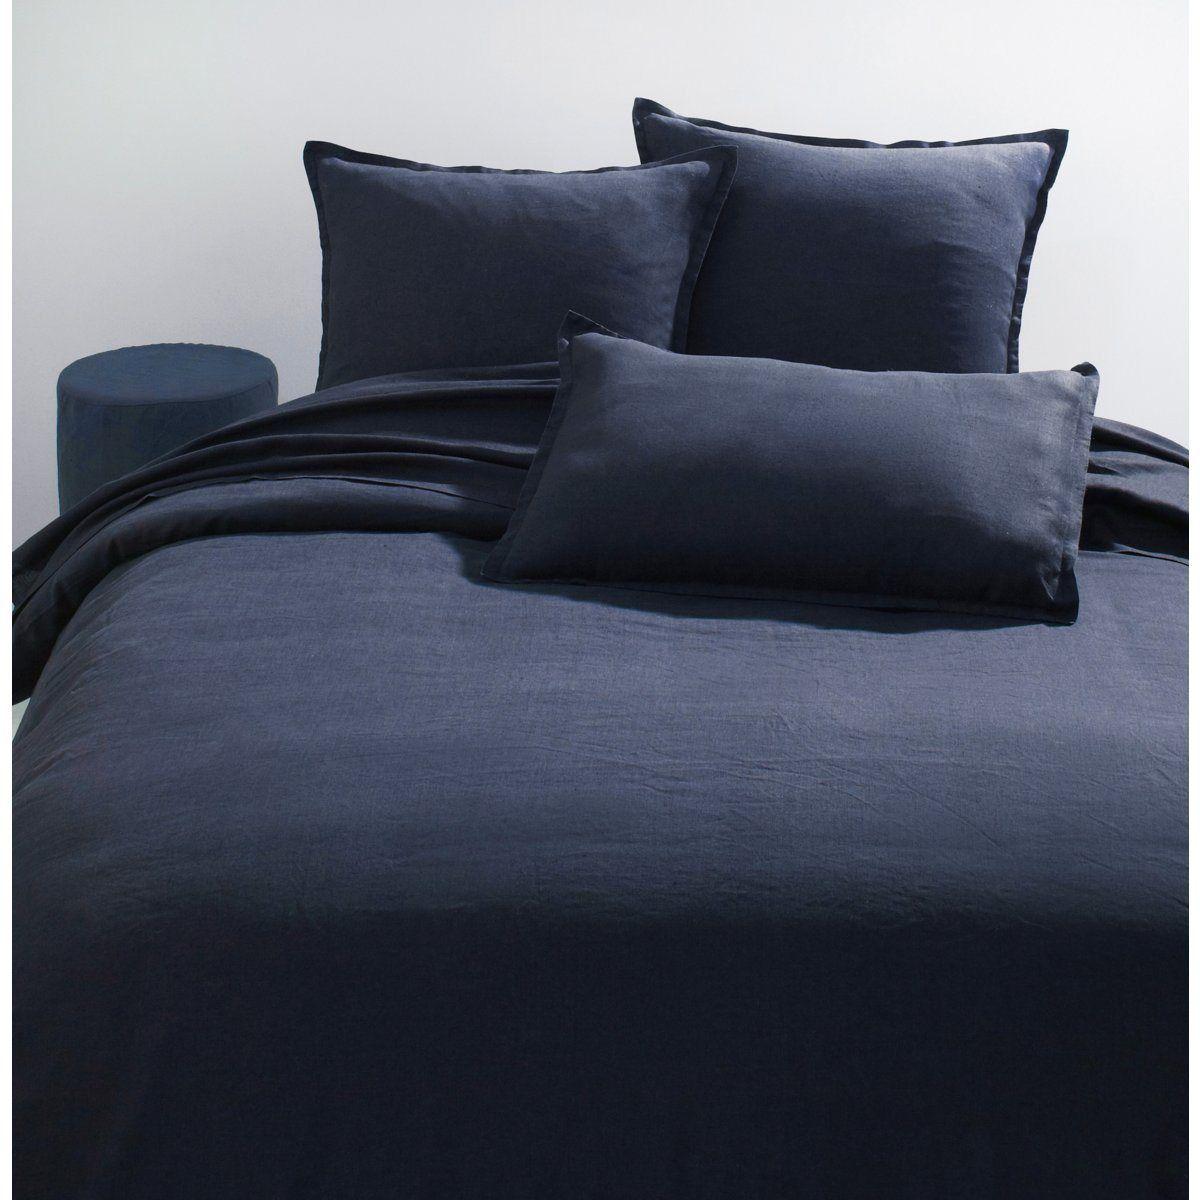 taie d 39 oreiller pur lin lav elina am pm la redoute bleu encre p15b 0113 pinterest. Black Bedroom Furniture Sets. Home Design Ideas